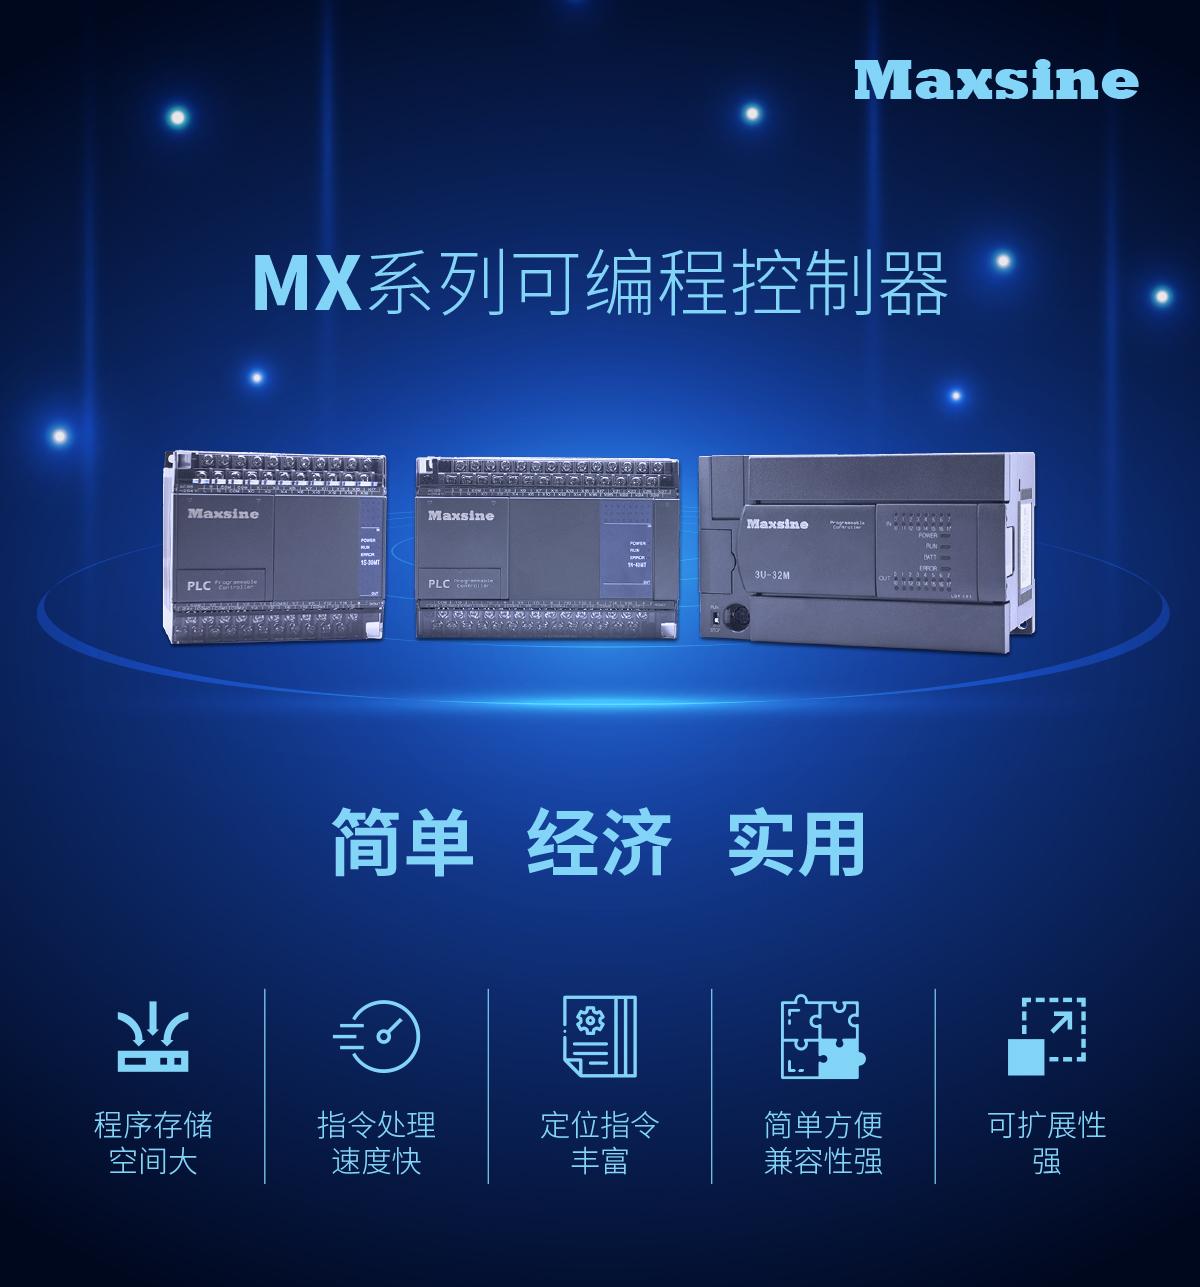 迈信电气MX系列可编程控制器_人流量智能控制系统案例